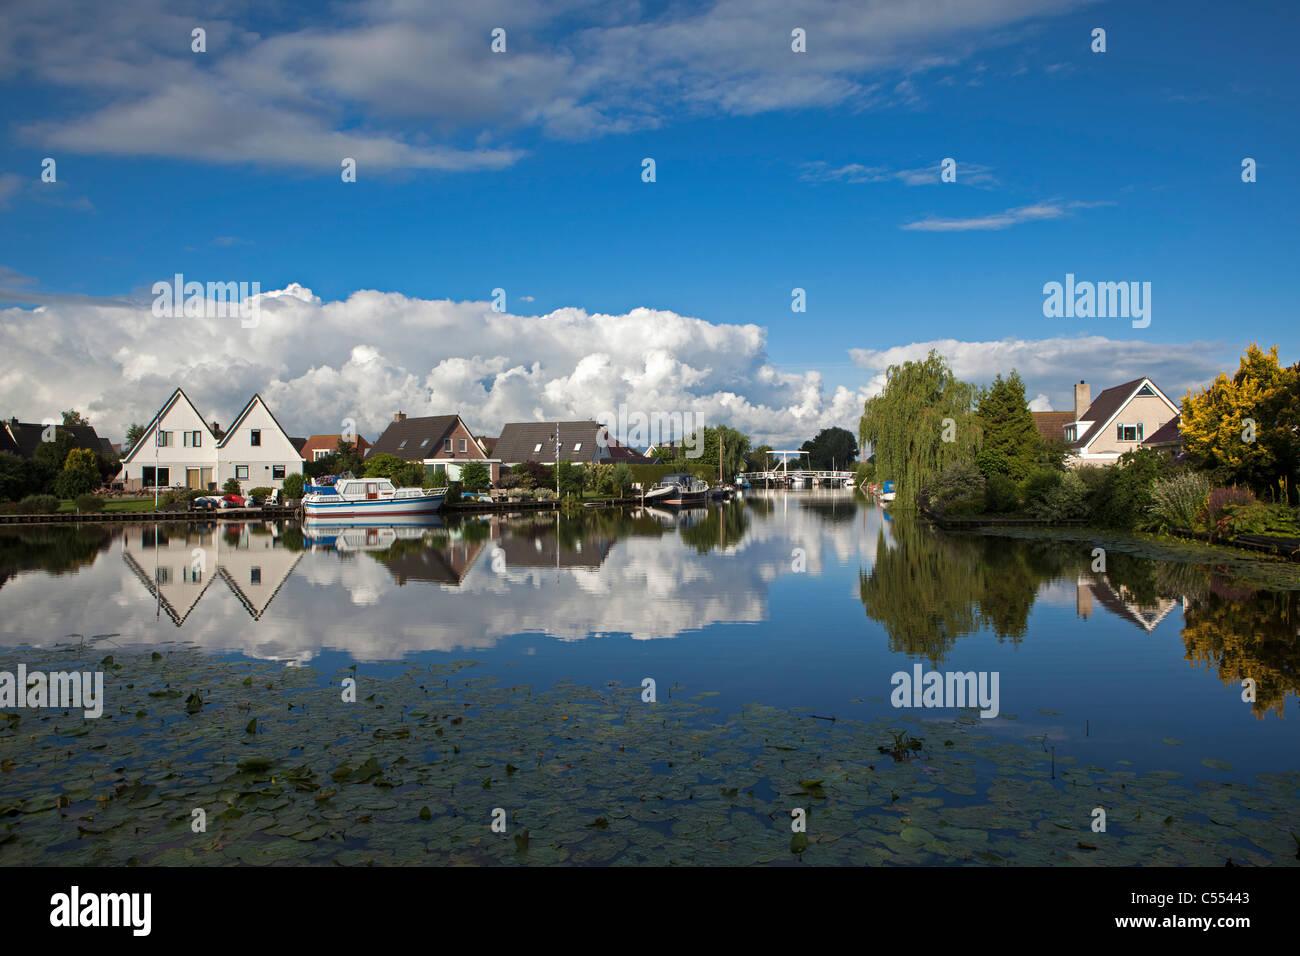 Les Pays-Bas, Makkum, zone résidentielle à bord de l'eau. Photo Stock